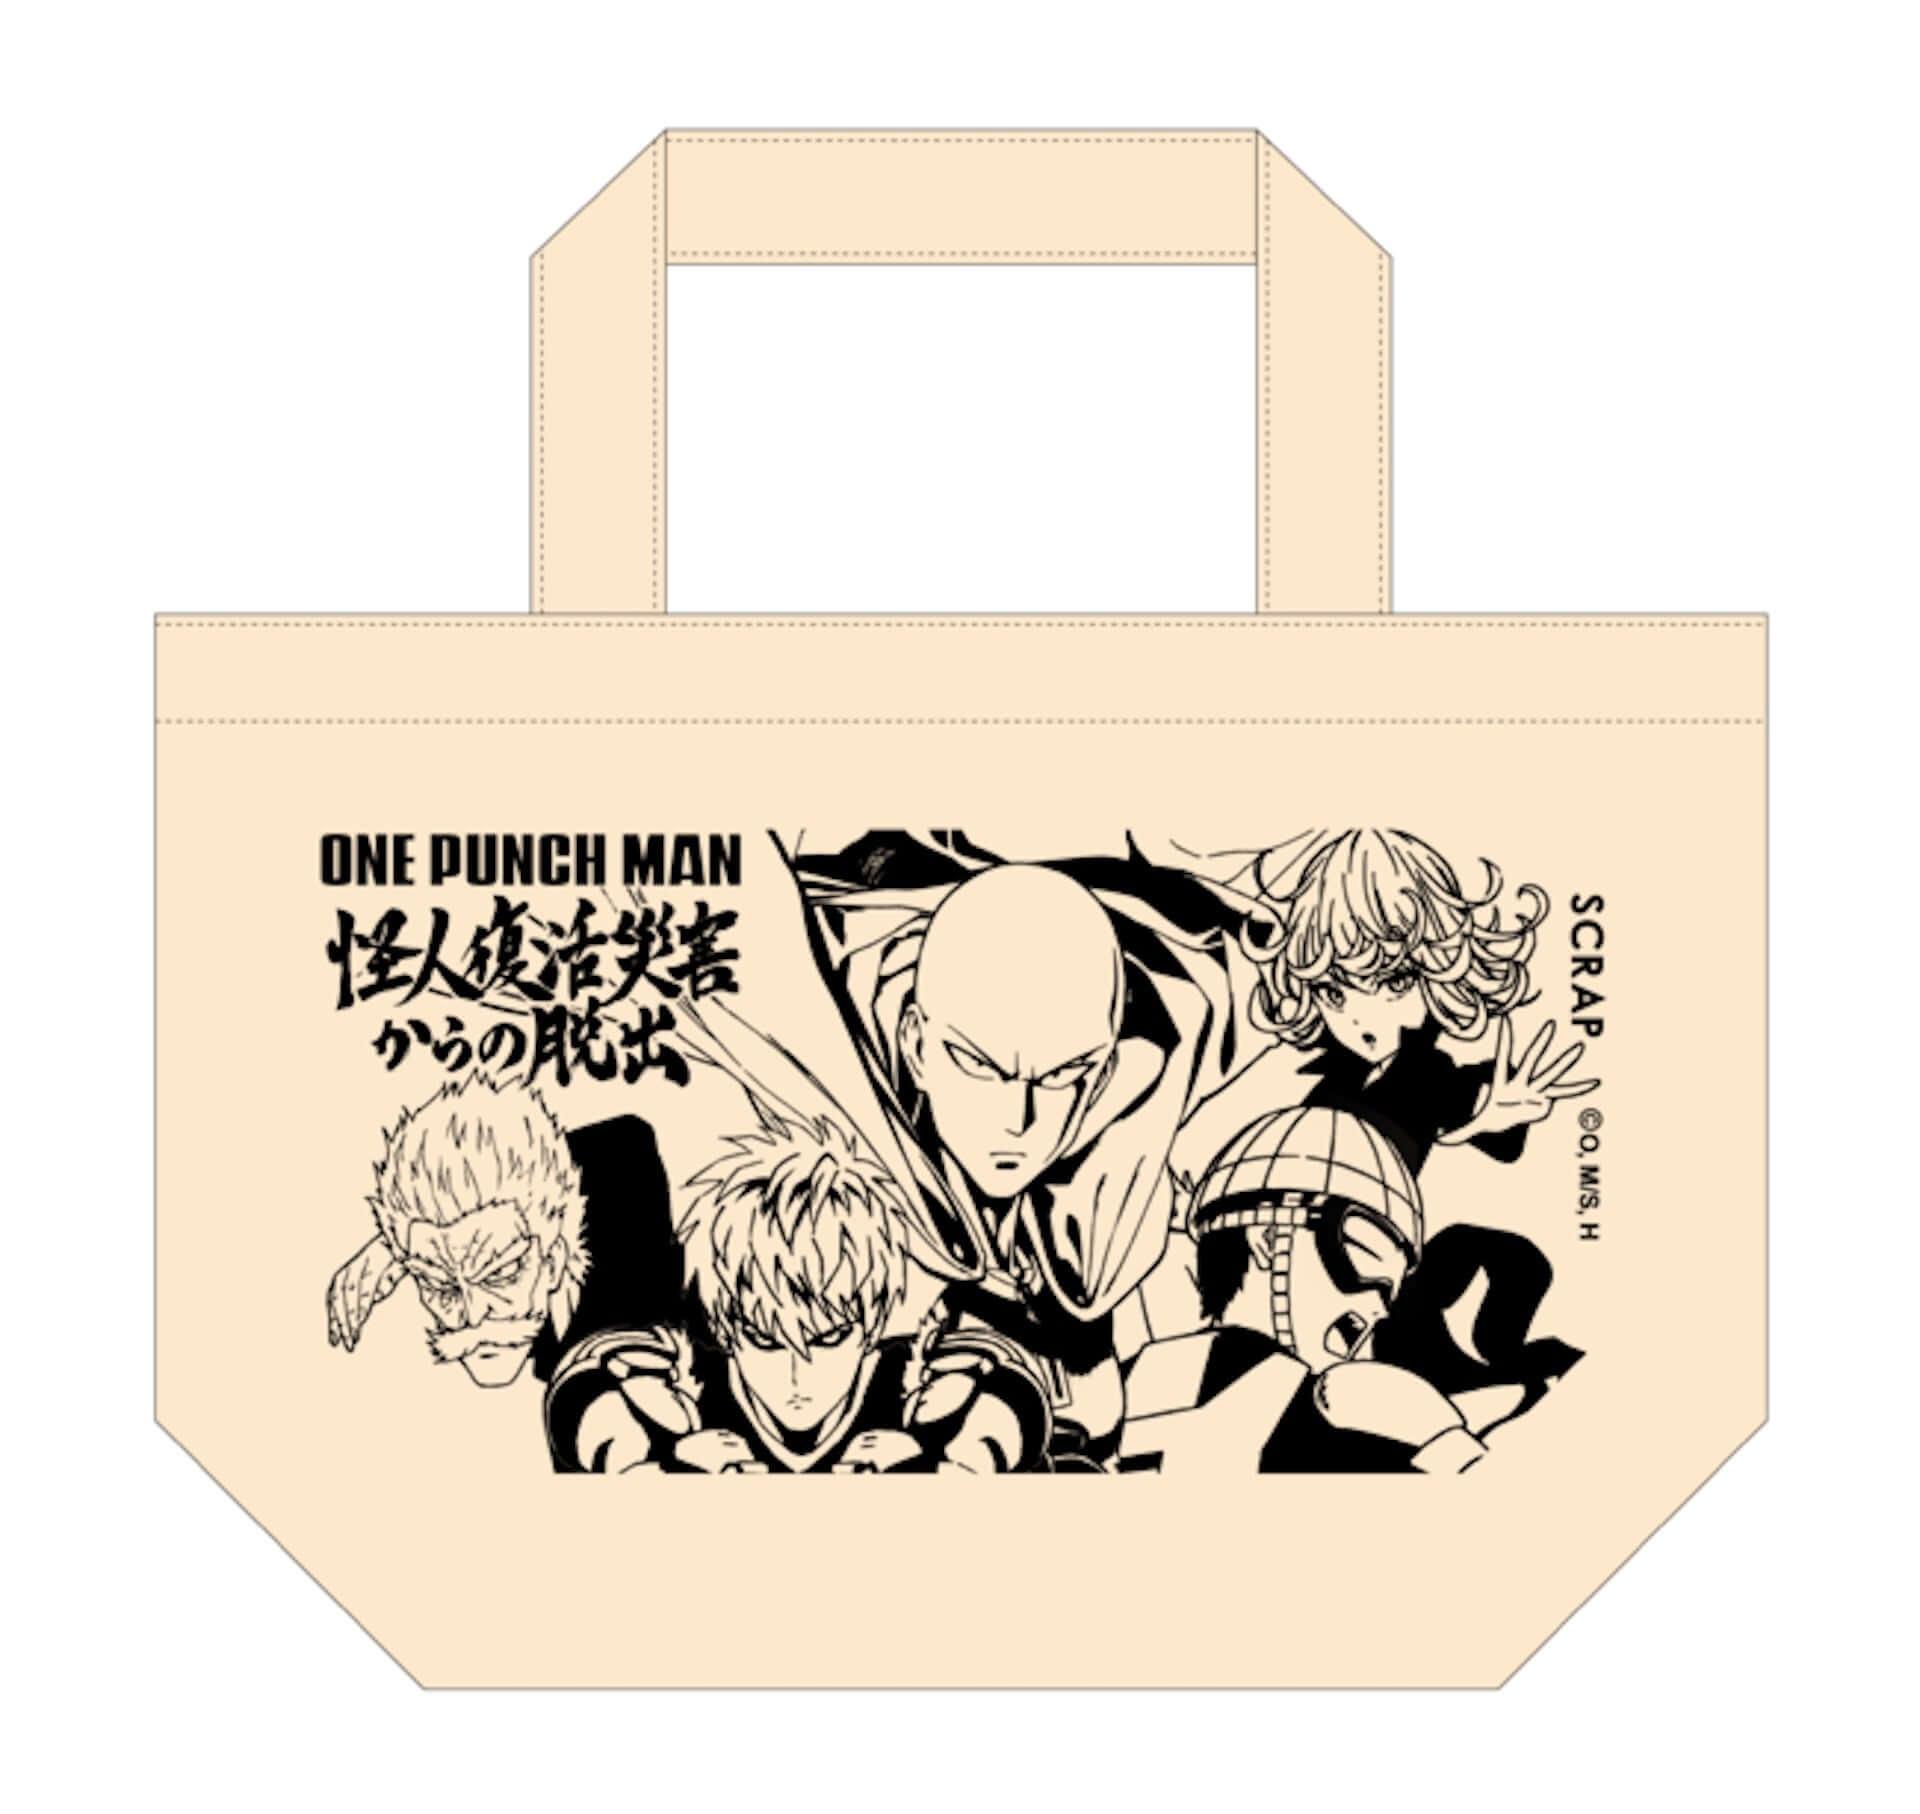 『ワンパンマン』のヒーローたちと謎解きに挑戦しよう!リアル脱出ゲーム<怪人復活災害からの脱出>が東京・大阪・名古屋にて開催決定 art201217_onepunchman-realdgame_7-1920x1814